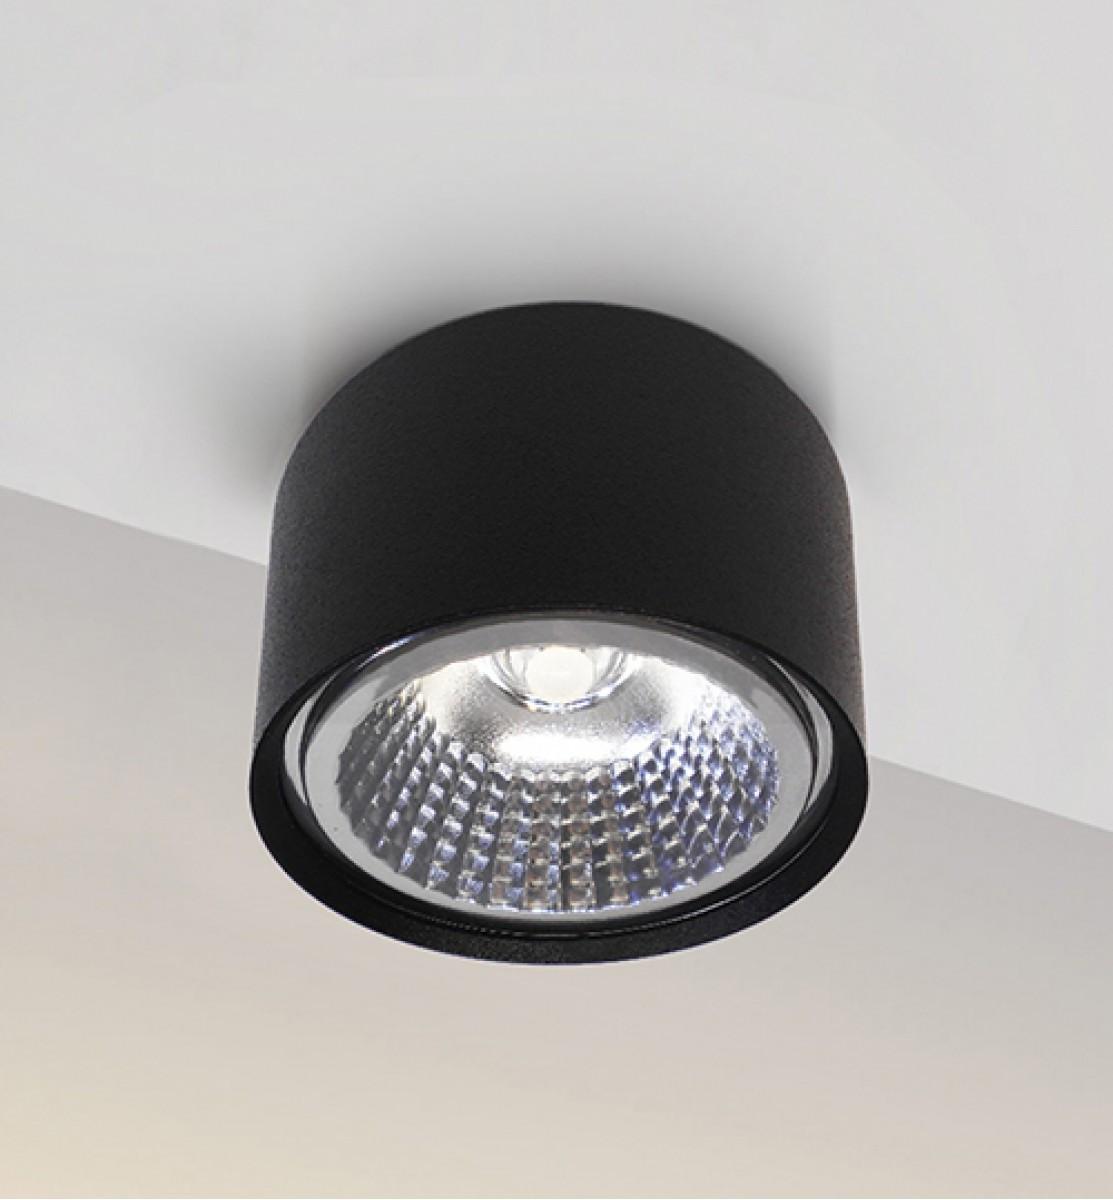 Врезной светодиодный светильник M.com O-12 18 Вт 180-265 Вольт